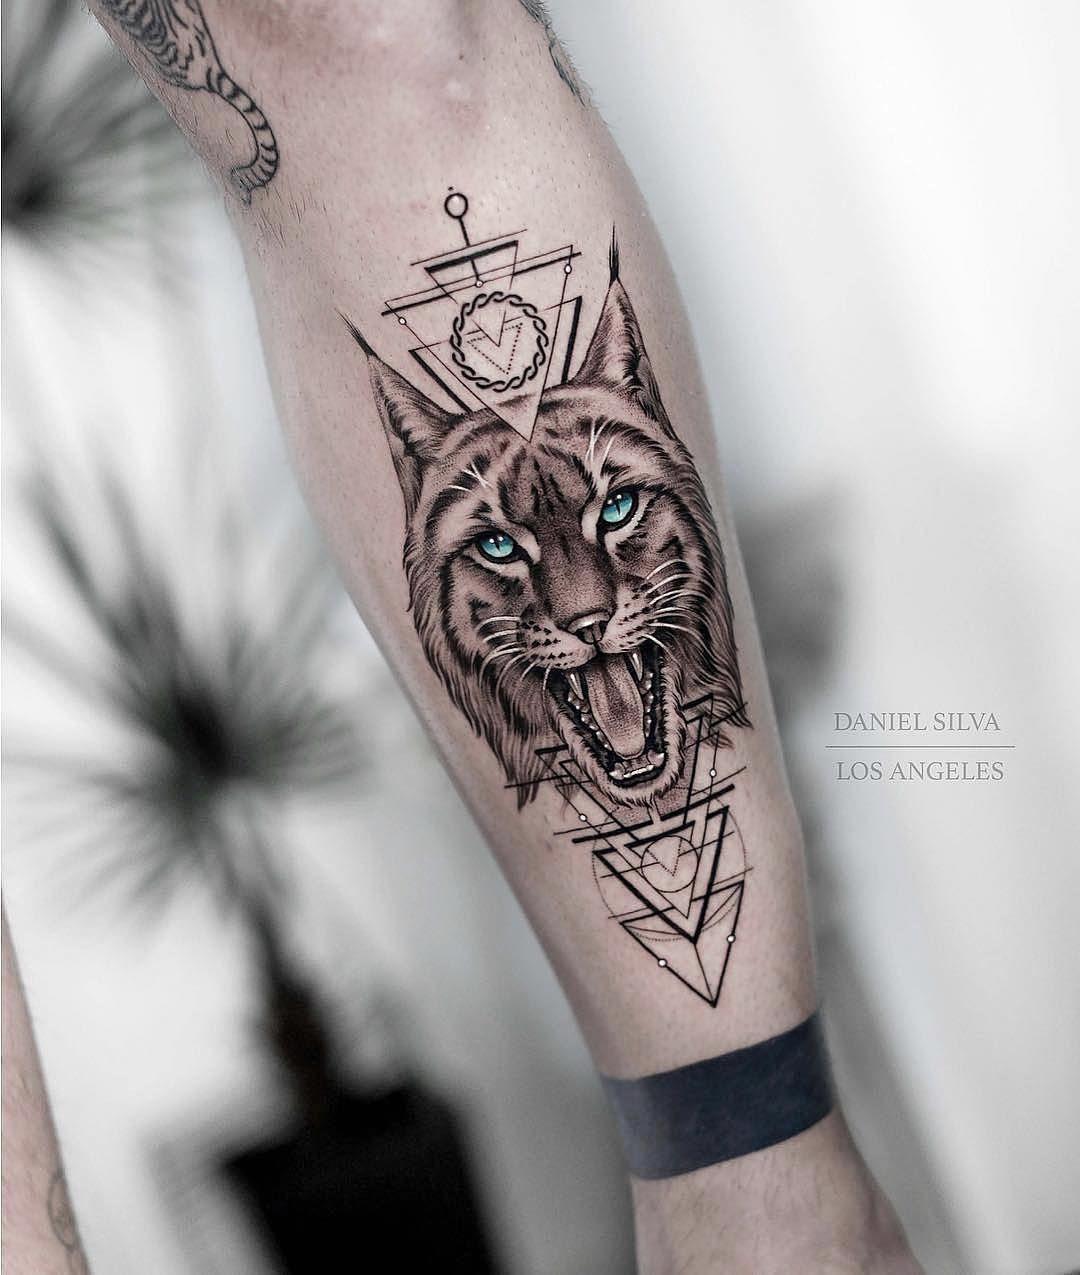 Tattoo Daniel Silva Art Daniel silva, Tattoos, Owl